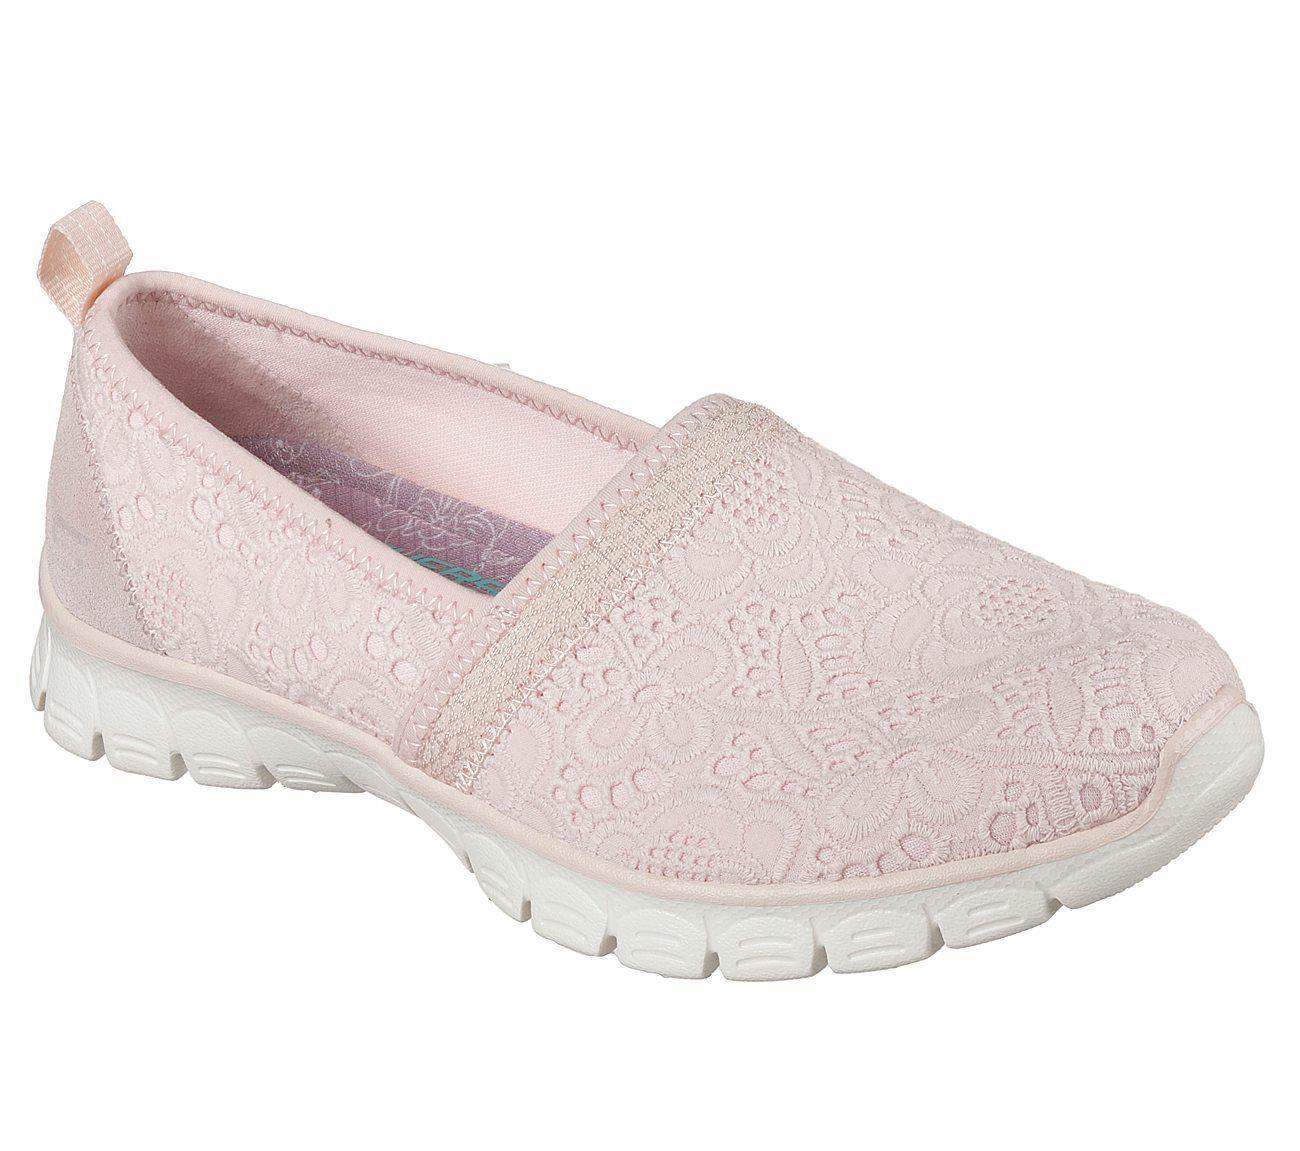 23478 Pink Skechers shoes Memory Foam Women Comfort Casual Slip On Lace Crochet